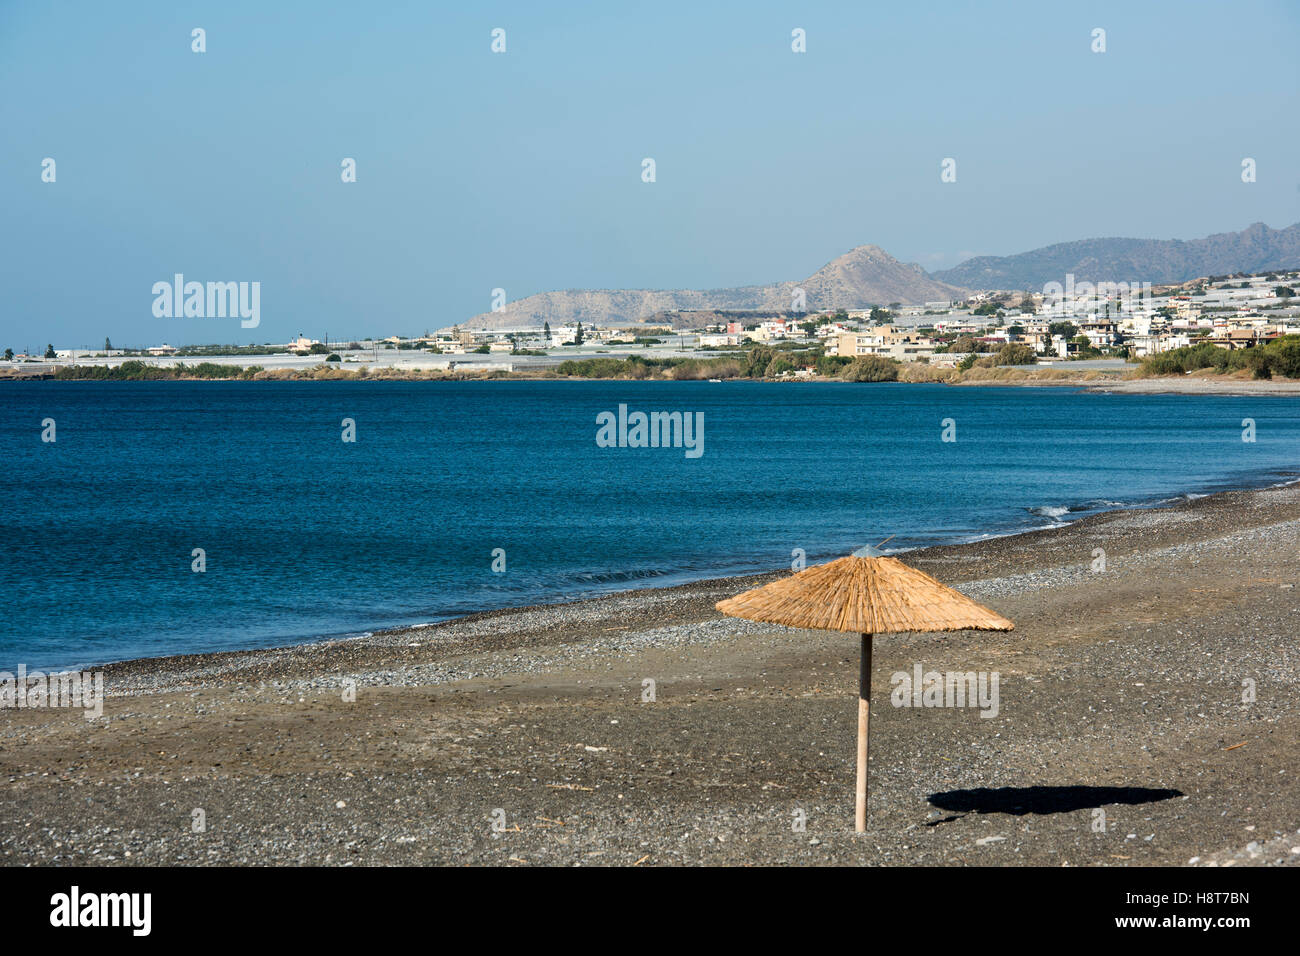 Griechenland, Kreta, Bucht mit Gewächshäusern in Gra Lygia westlich von Ireapetra - Stock Image